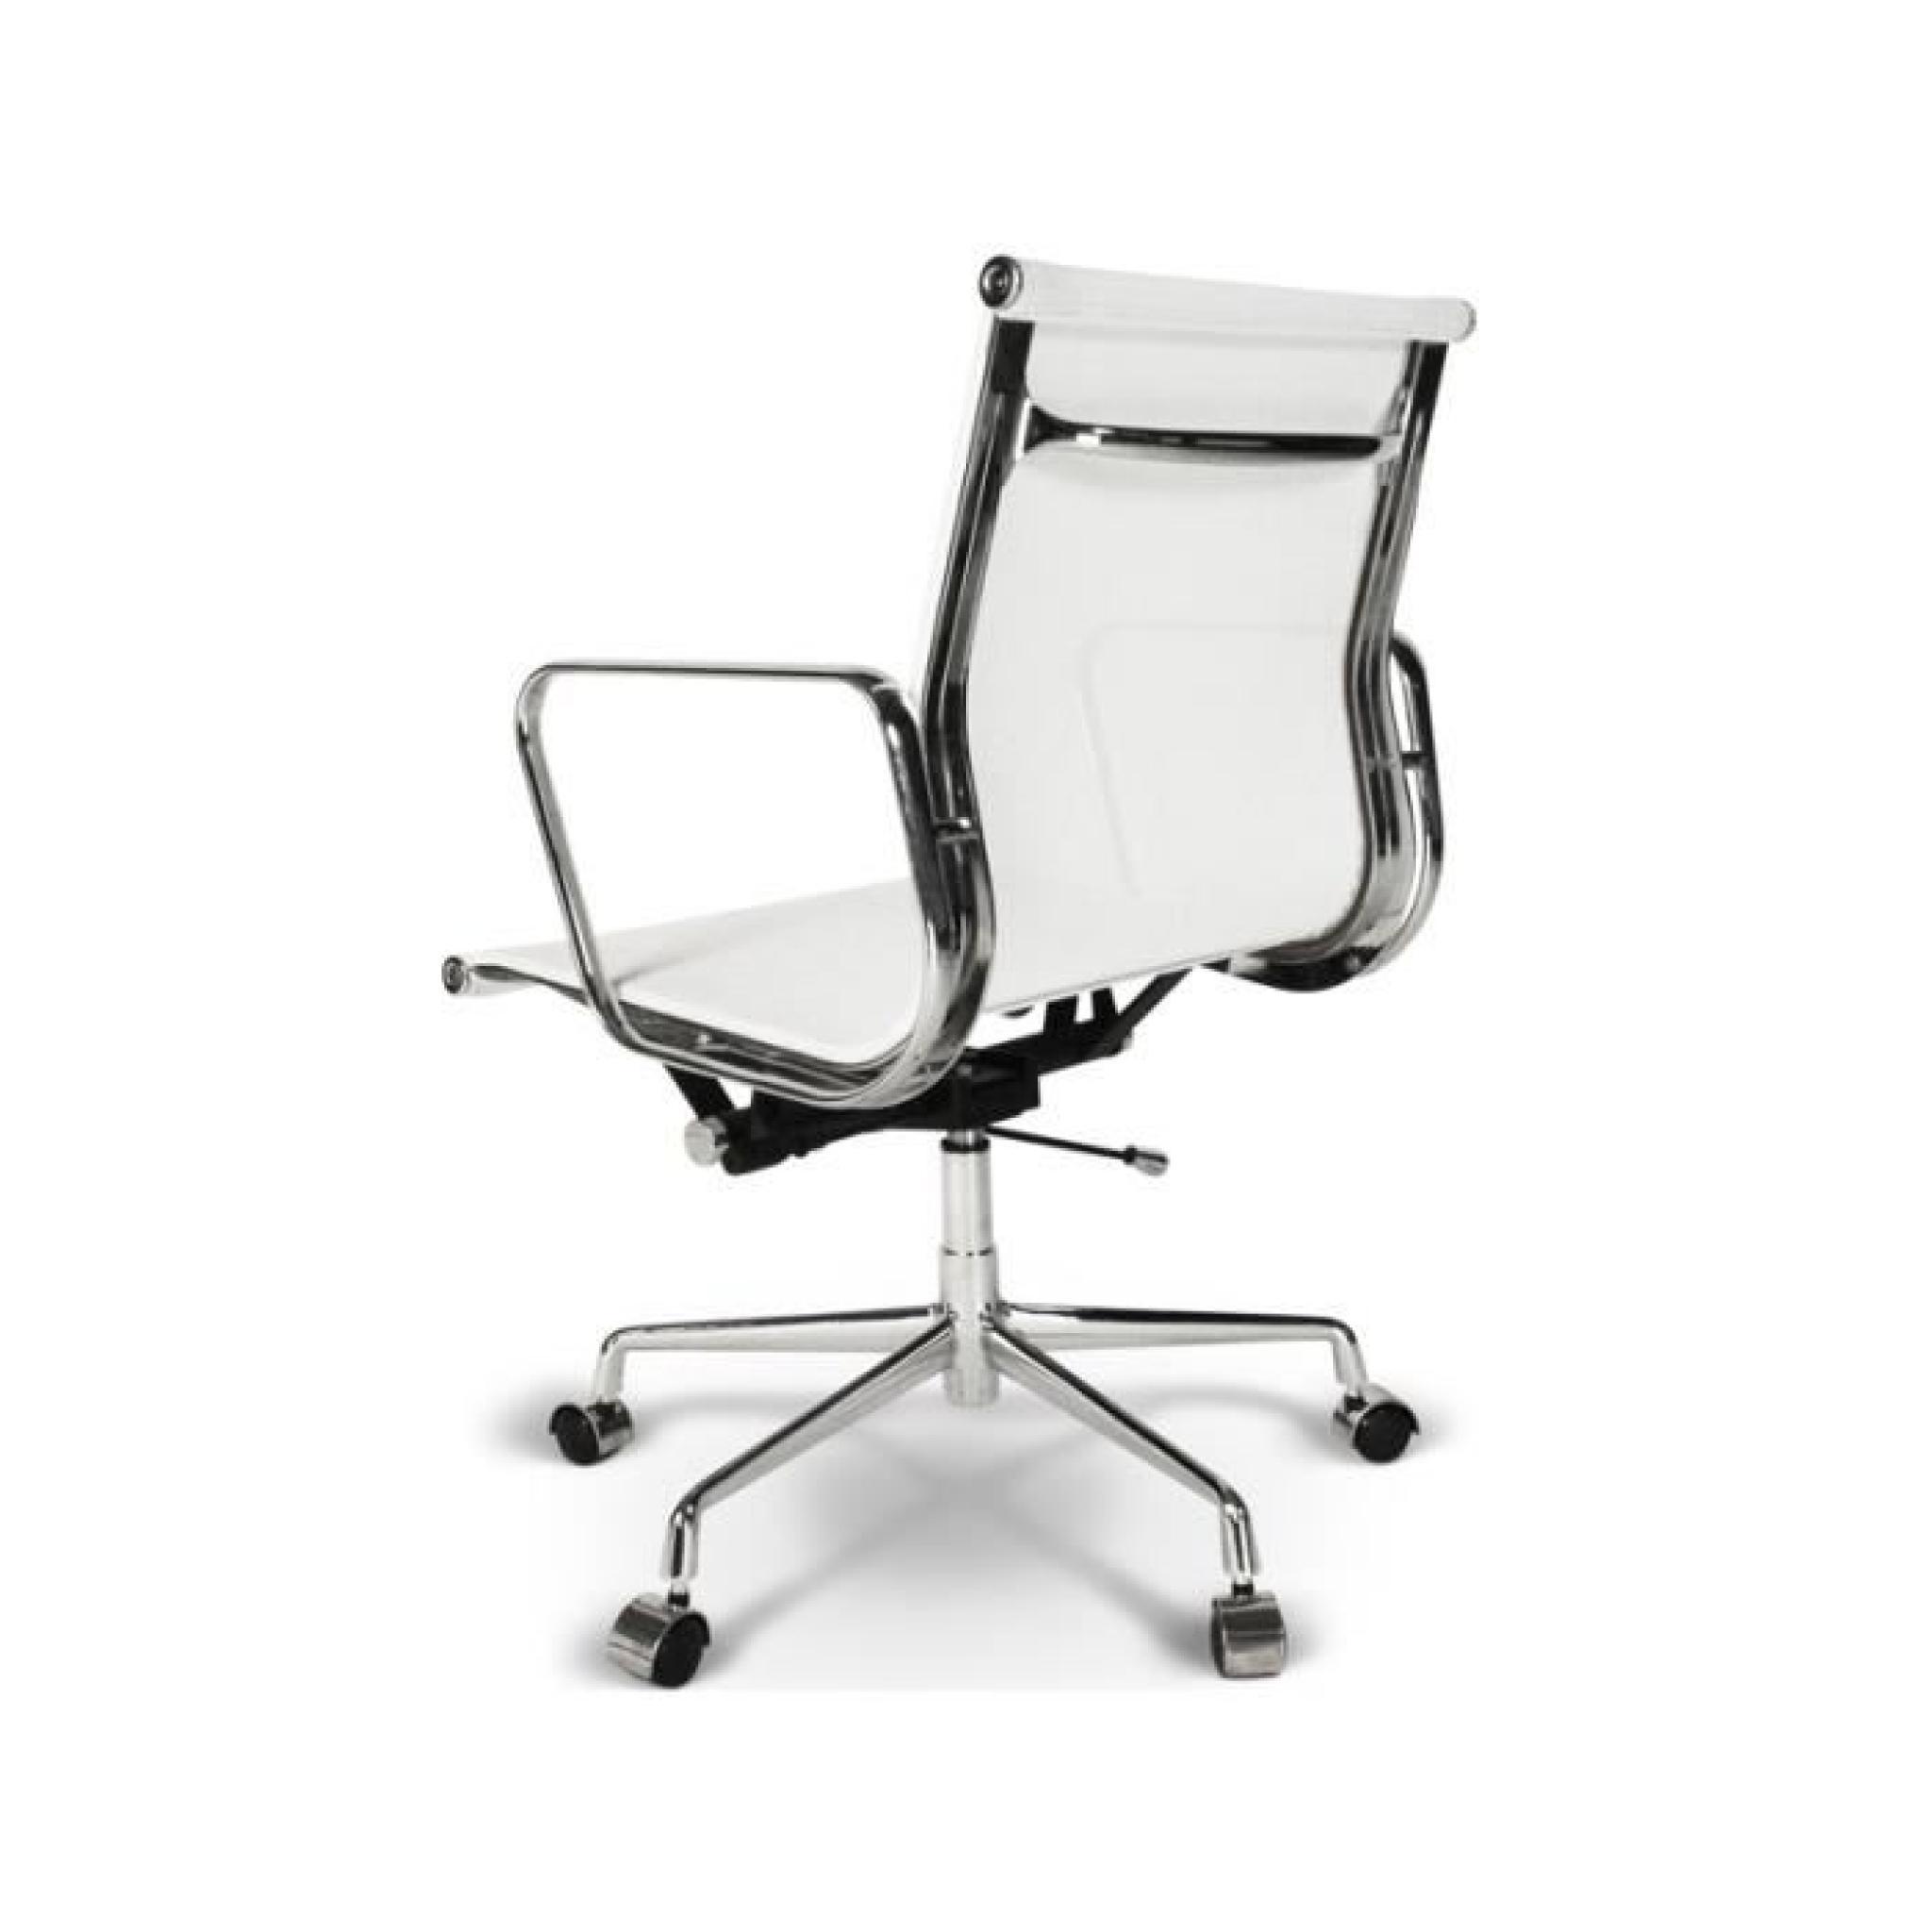 chaise eames alu ea117 blanc achat vente chaise salle a manger pas cher couleur et. Black Bedroom Furniture Sets. Home Design Ideas